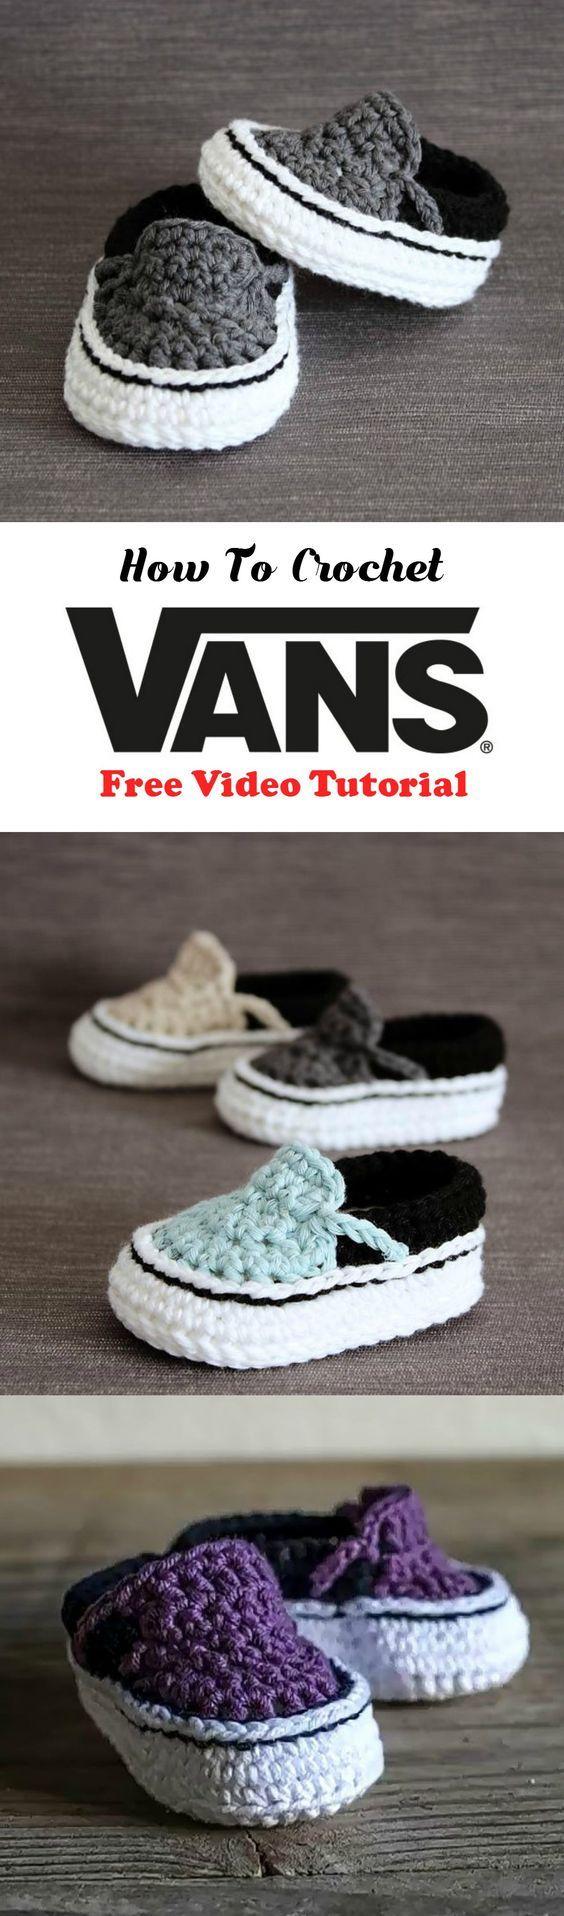 How to Crochet Vans shoes for children. #vans #crochet #yarn